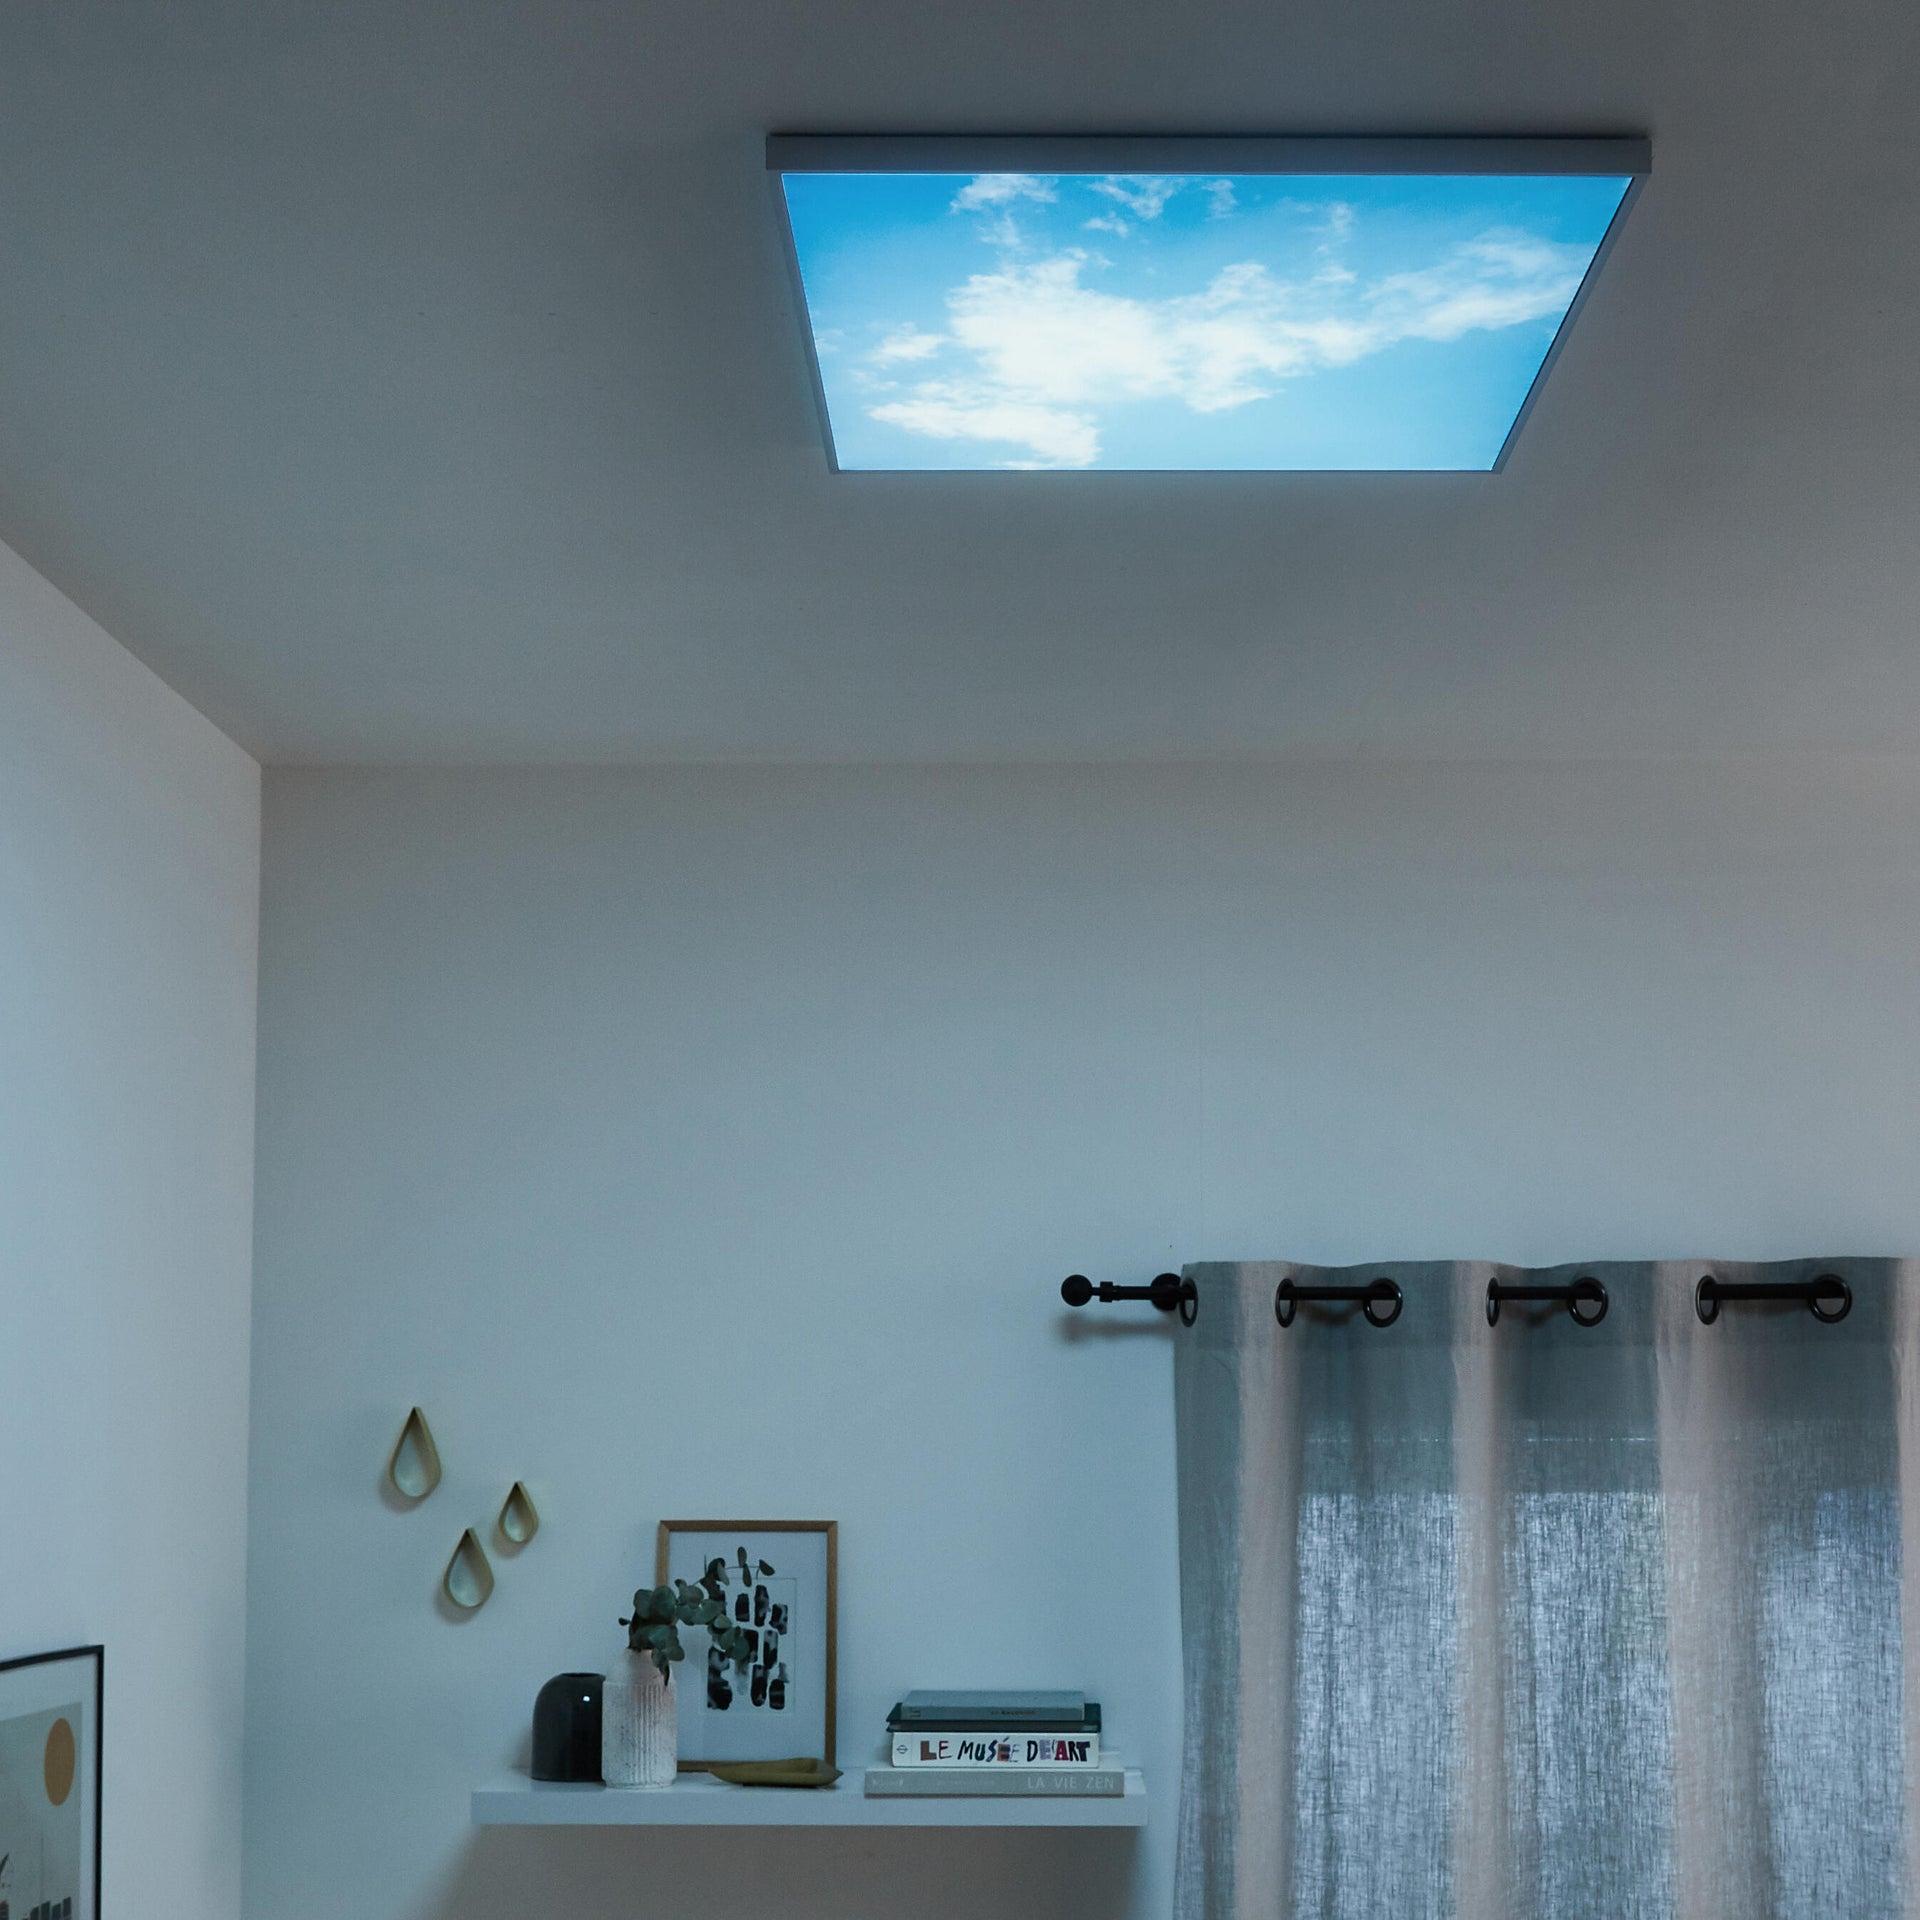 Pannello led Sky 60x60 cm cct regolazione da bianco caldo a bianco freddo, INSPIRE - 7